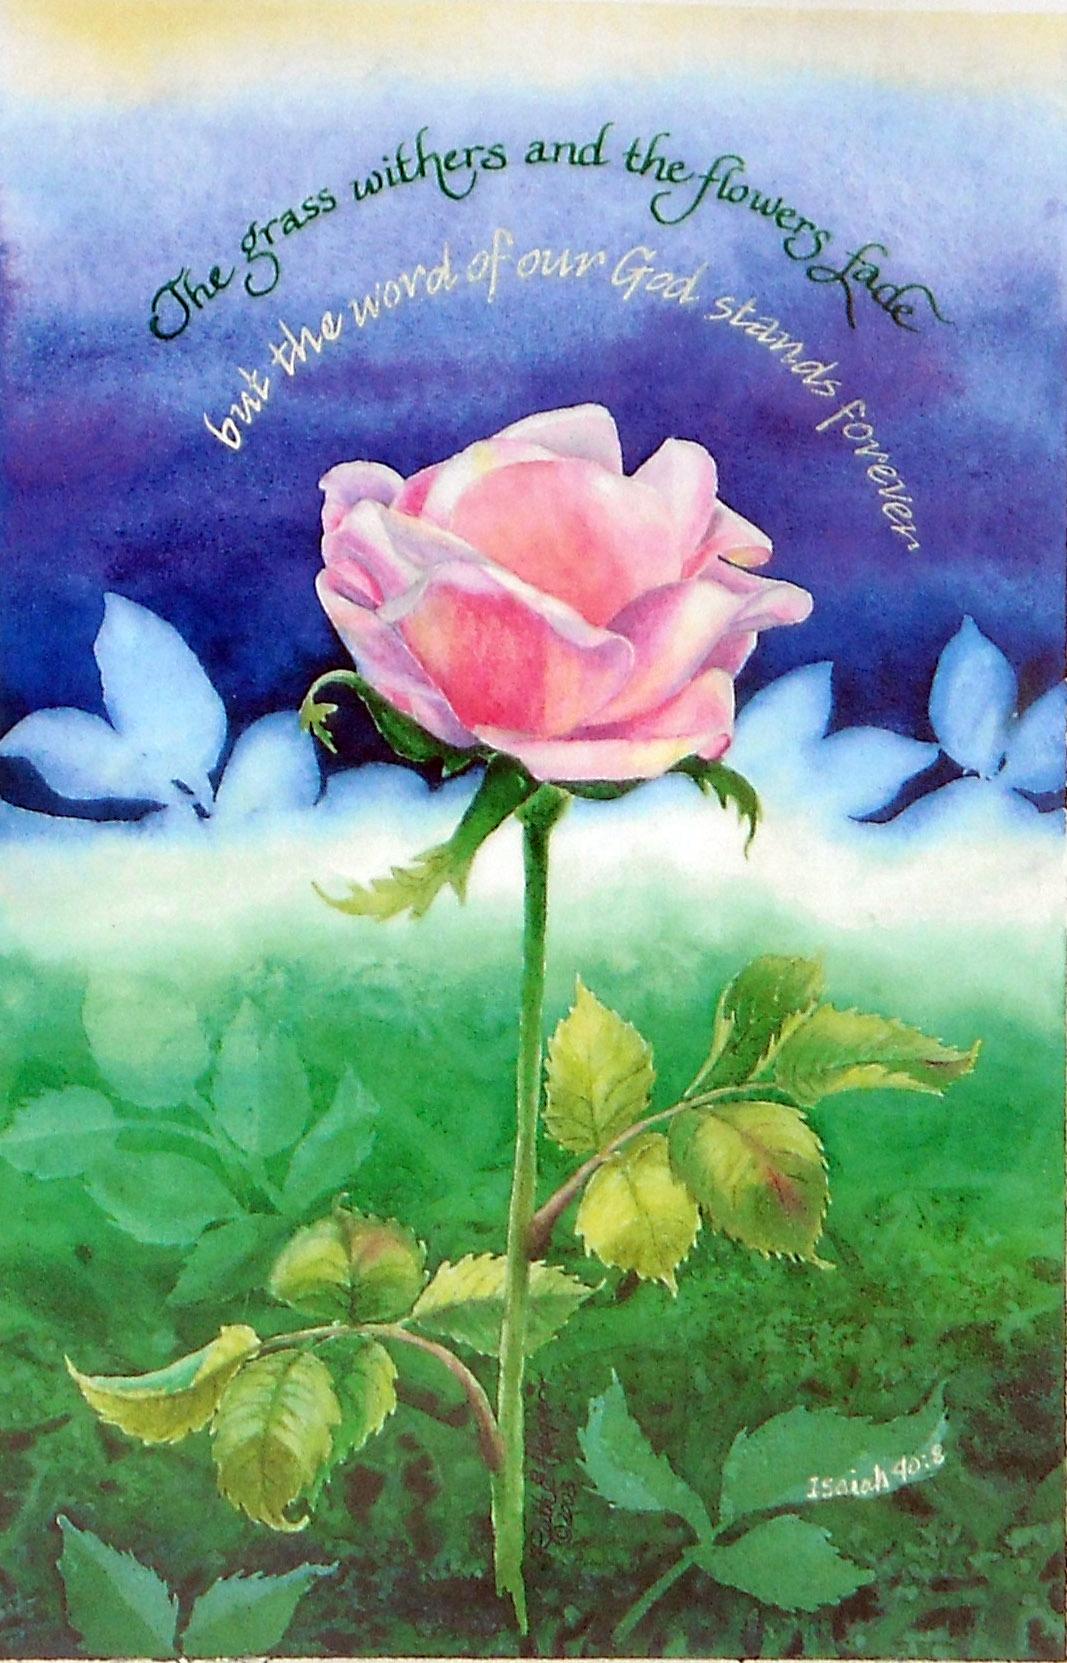 Deb's Rose - web.jpg